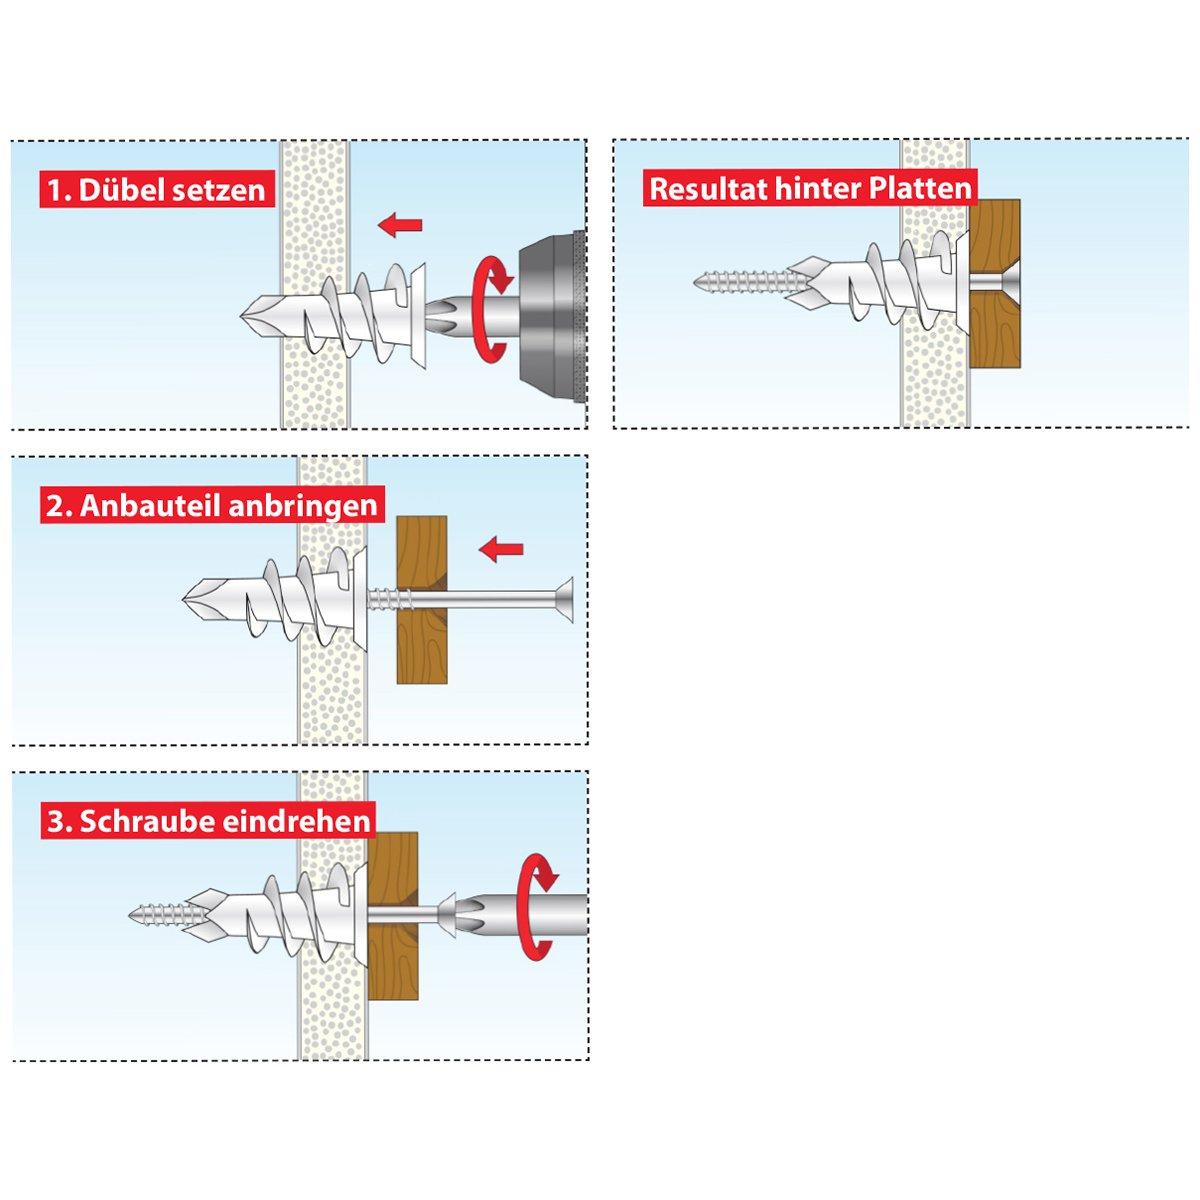 50 pi/èces 068100231 TOX cheville pour plaques de pl/âtre Spiral 32 mm